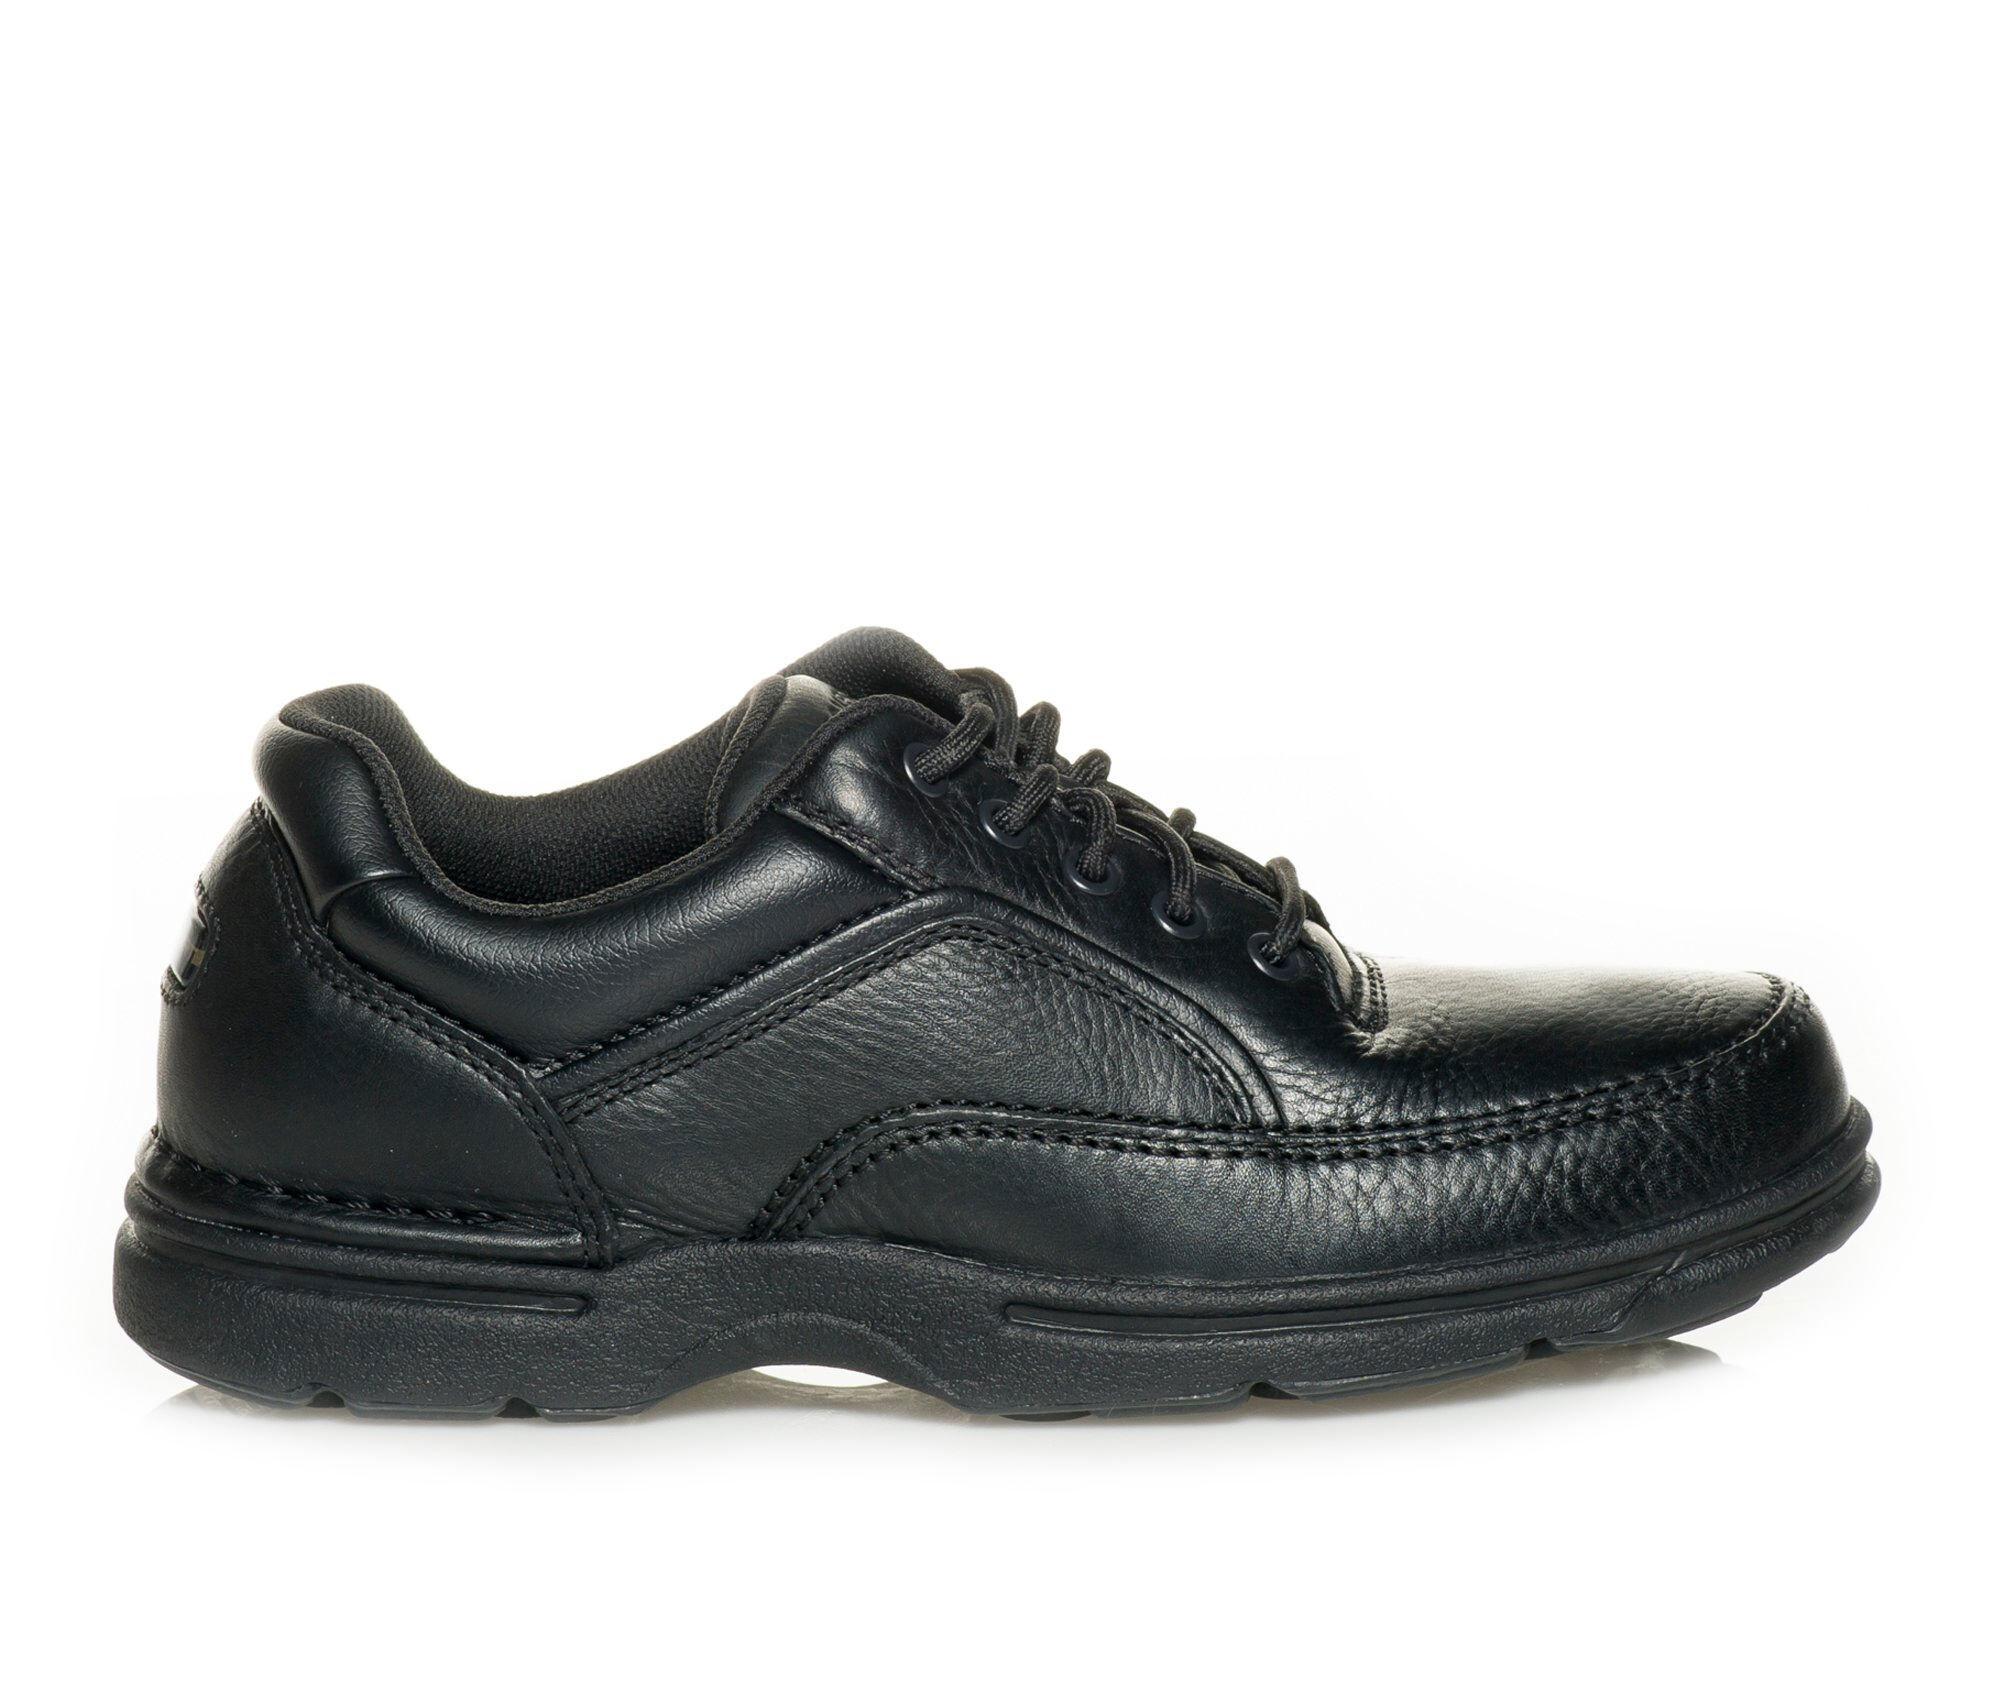 Men's Rockport Eureka Black